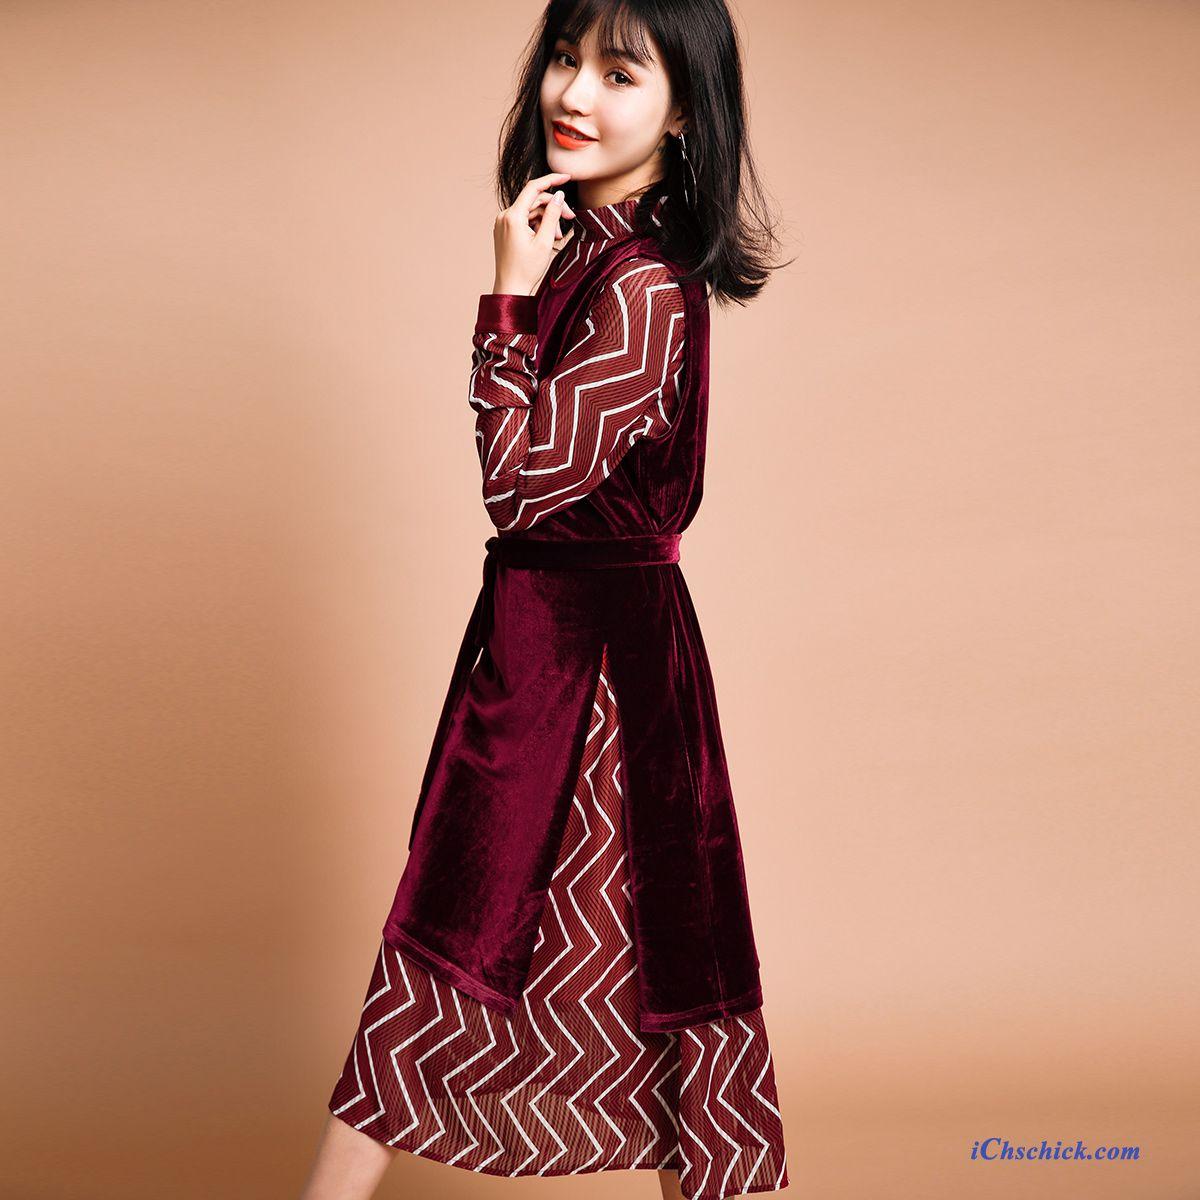 2d5b11ead332cc Langes Kleid Grün Lindgrün, Kleider Günstig Online Bestellen Billig